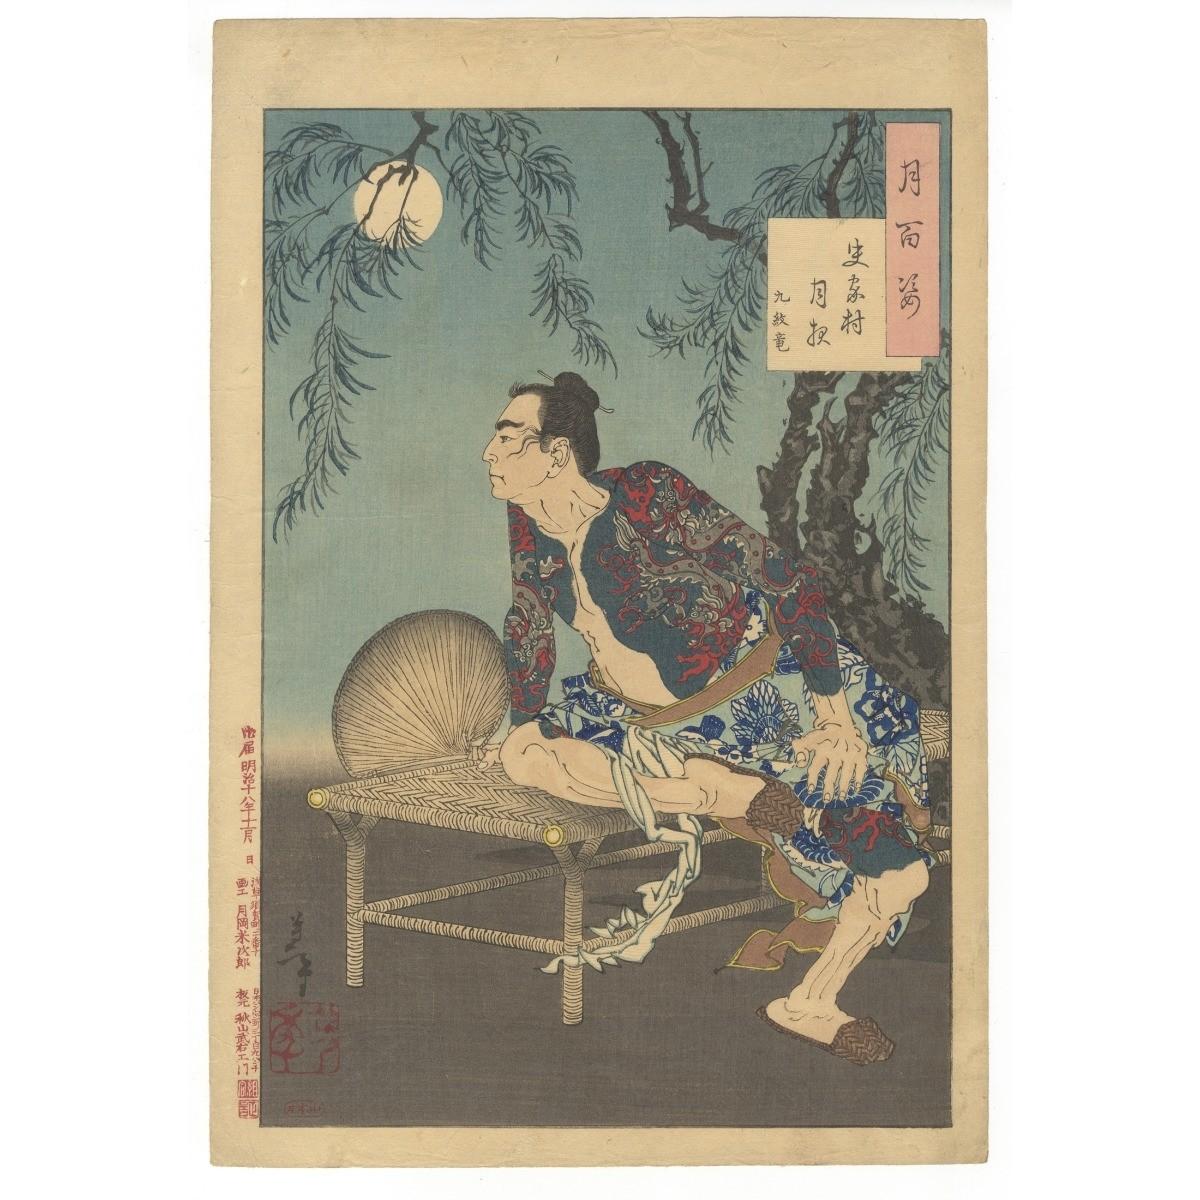 Yoshitoshi Tsukioka, Kumonryu, Dragon Tattoo